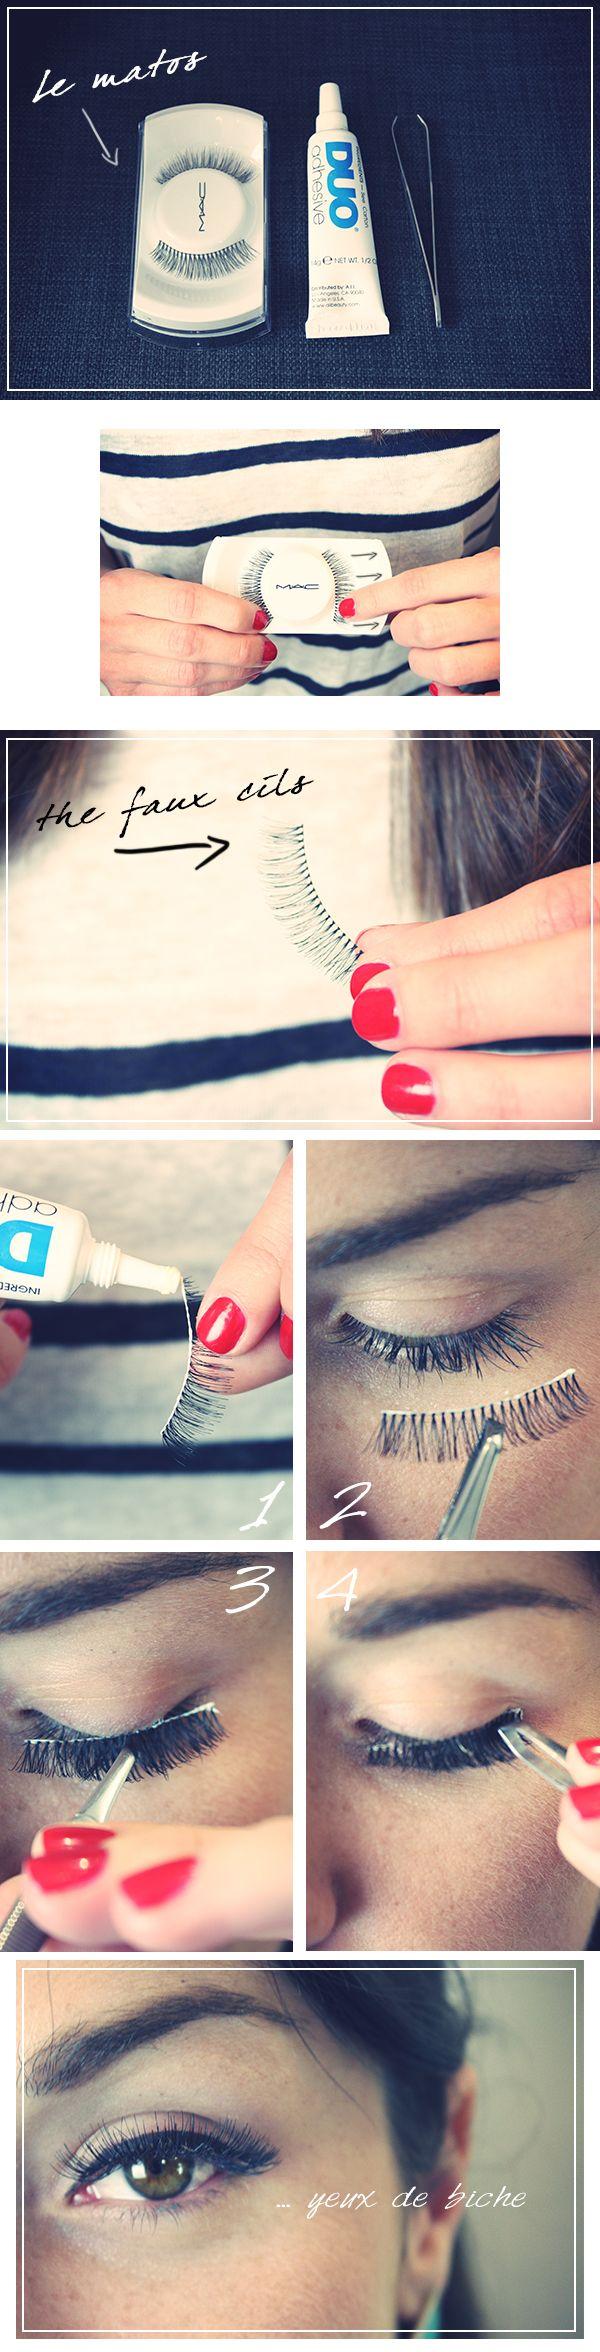 faux cils - http://www.jessicagrandoni.com/comment-poser-des-faux-cils/